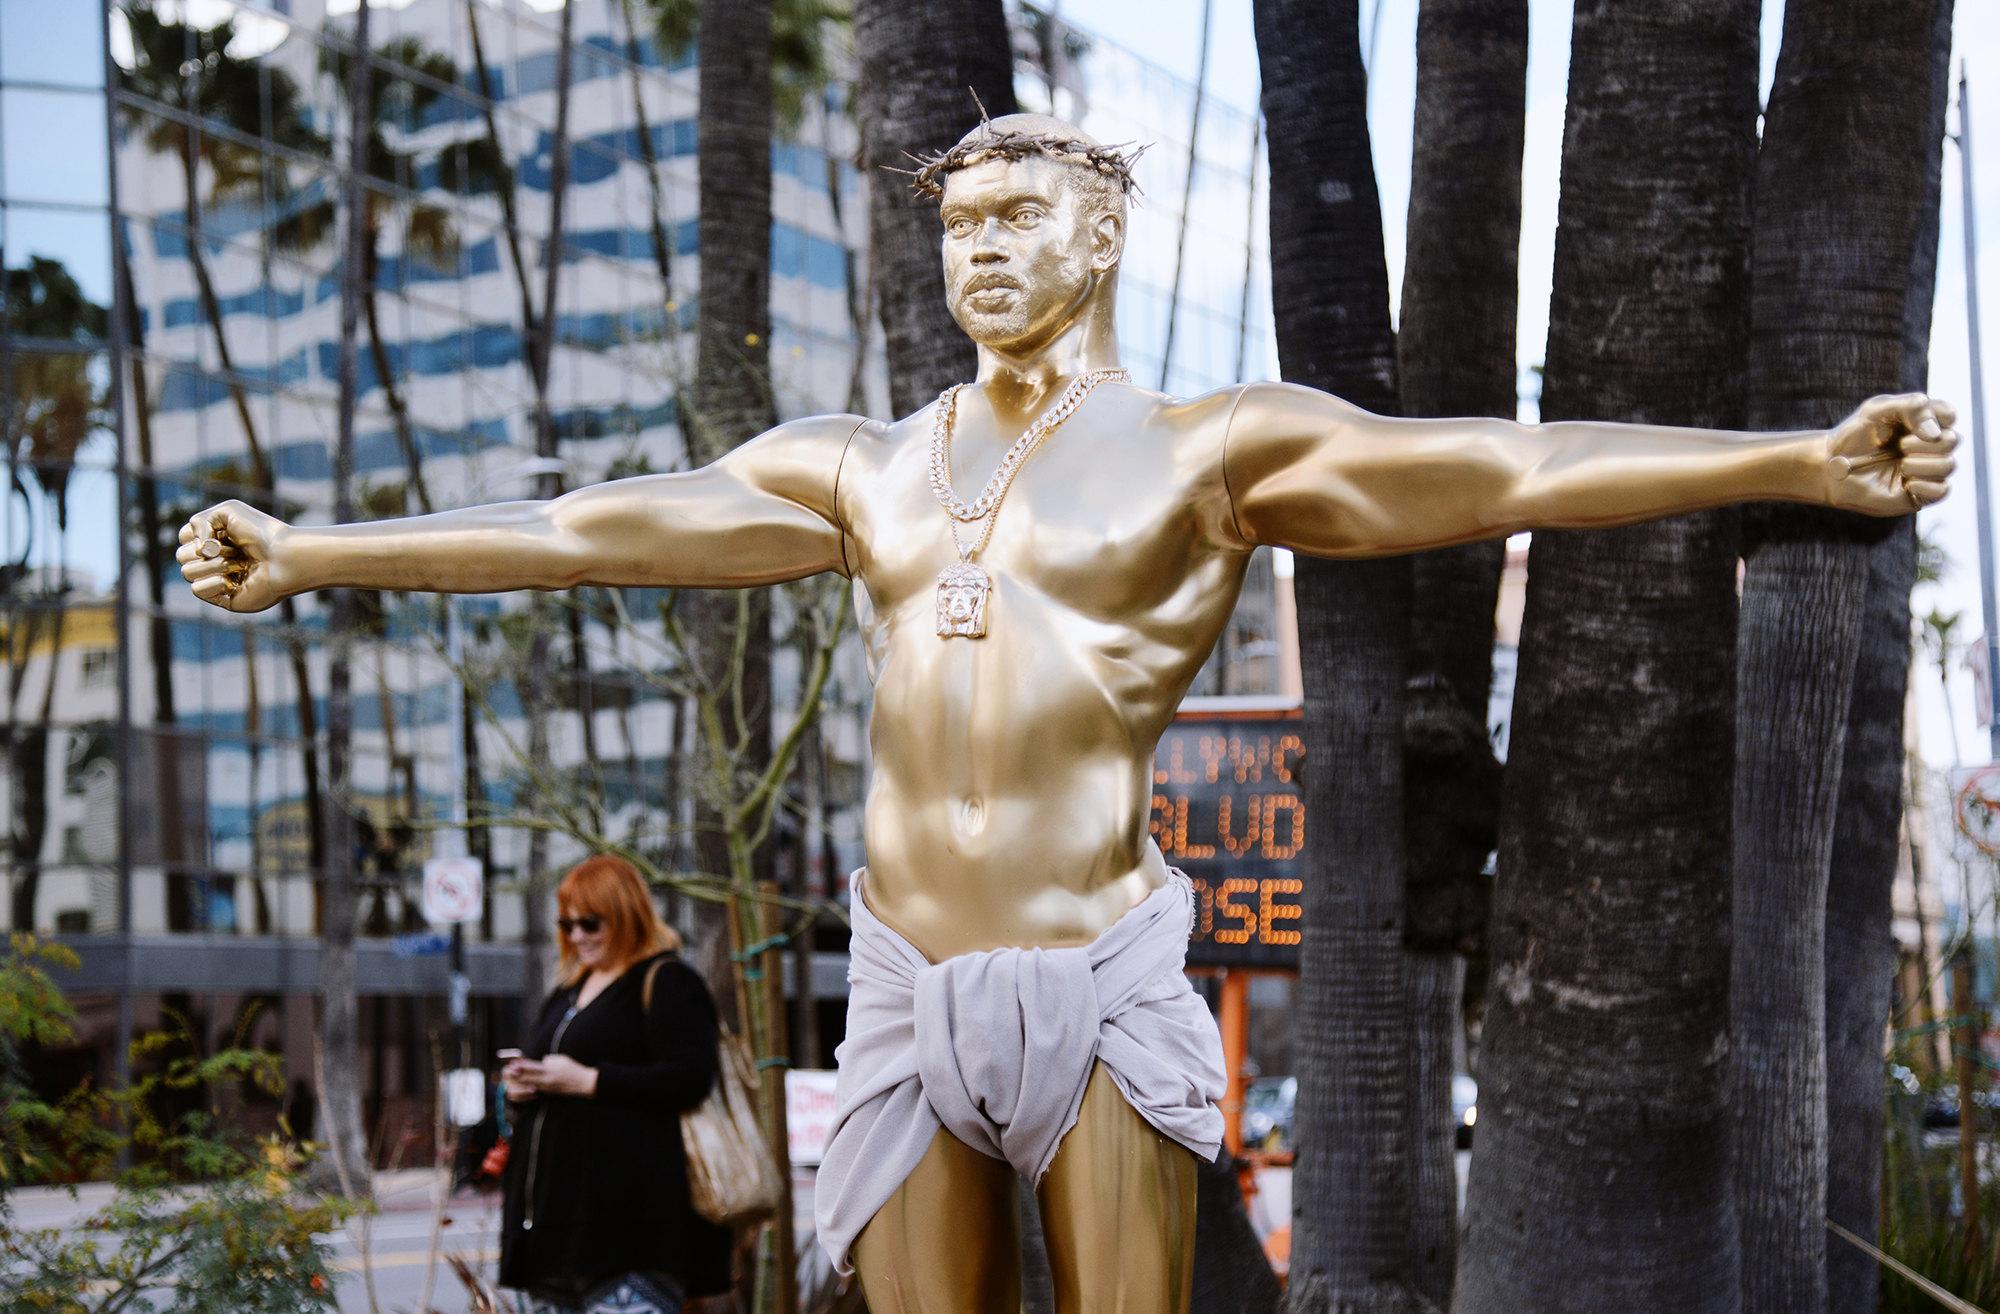 Пластиковая скульптура, изображающая Канье Уэста вобразе Иисуса Христа, Лос-Анджелес